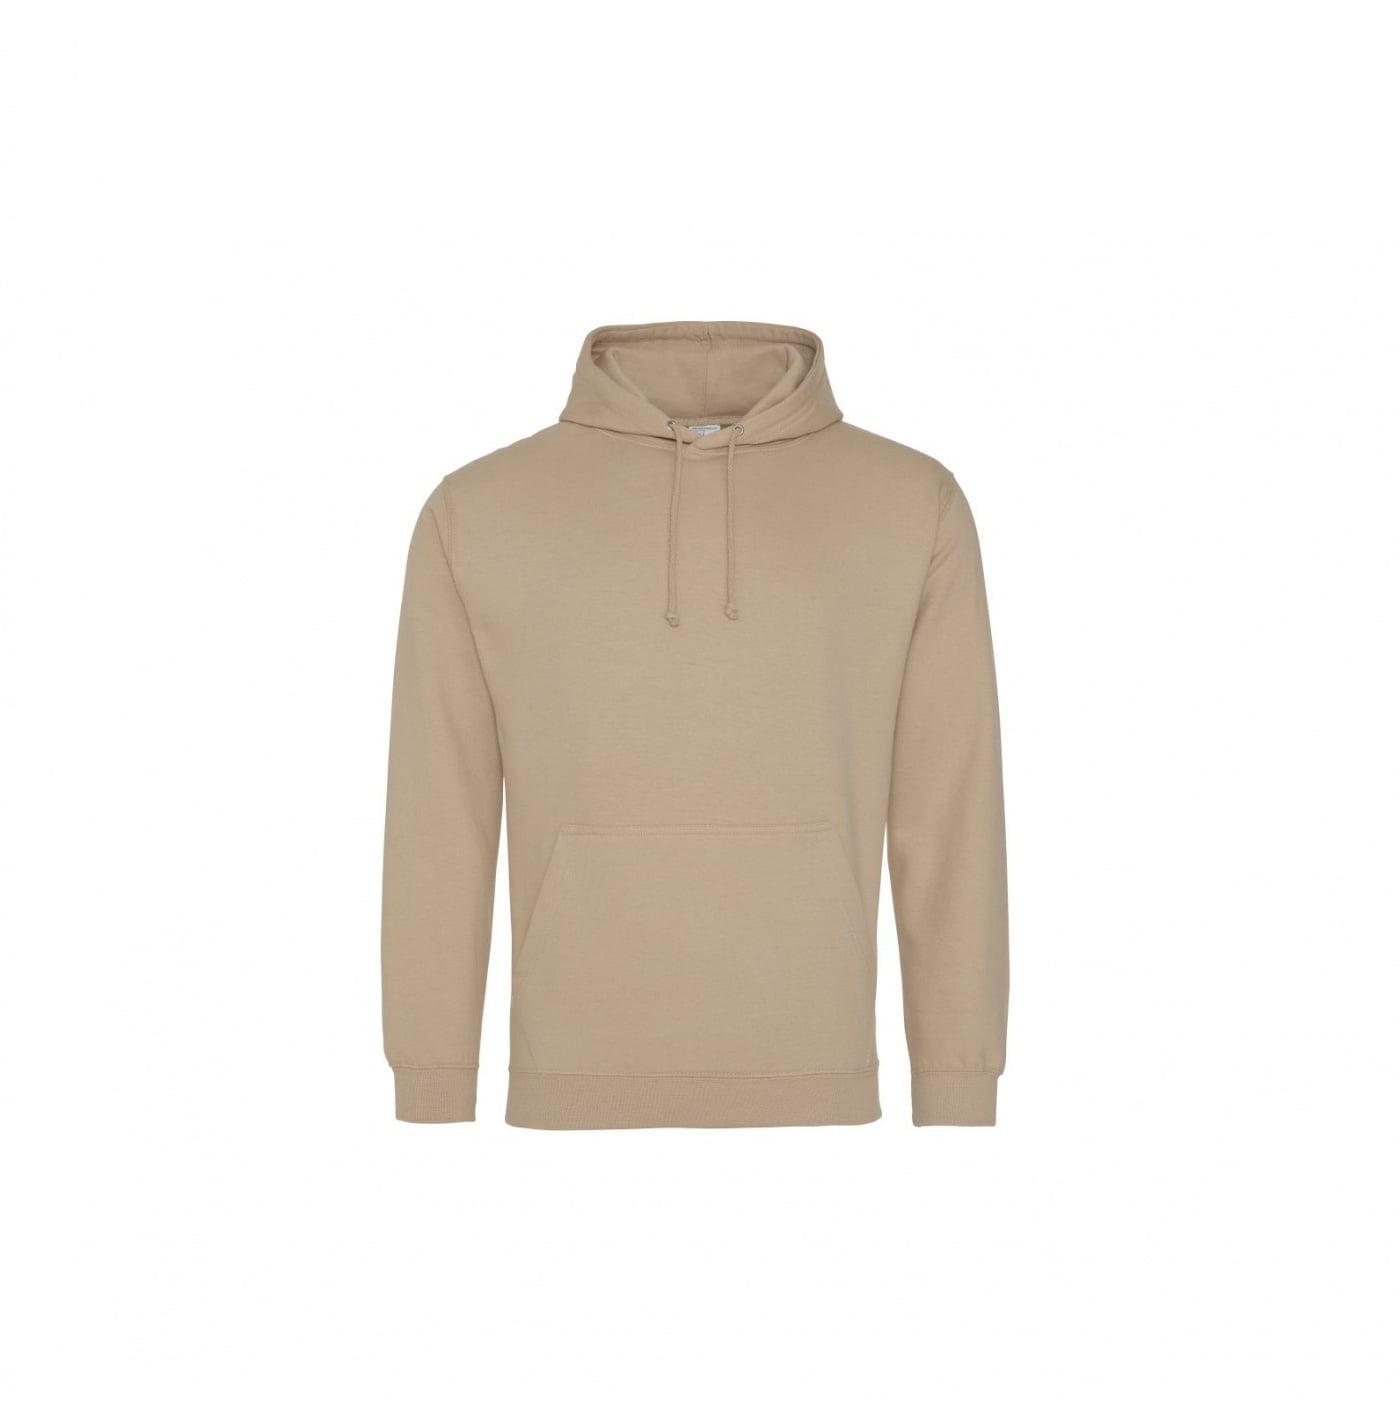 Bluzy - Bluza z kapturem College - Just Hoods JH001 - Nude - RAVEN - koszulki reklamowe z nadrukiem, odzież reklamowa i gastronomiczna